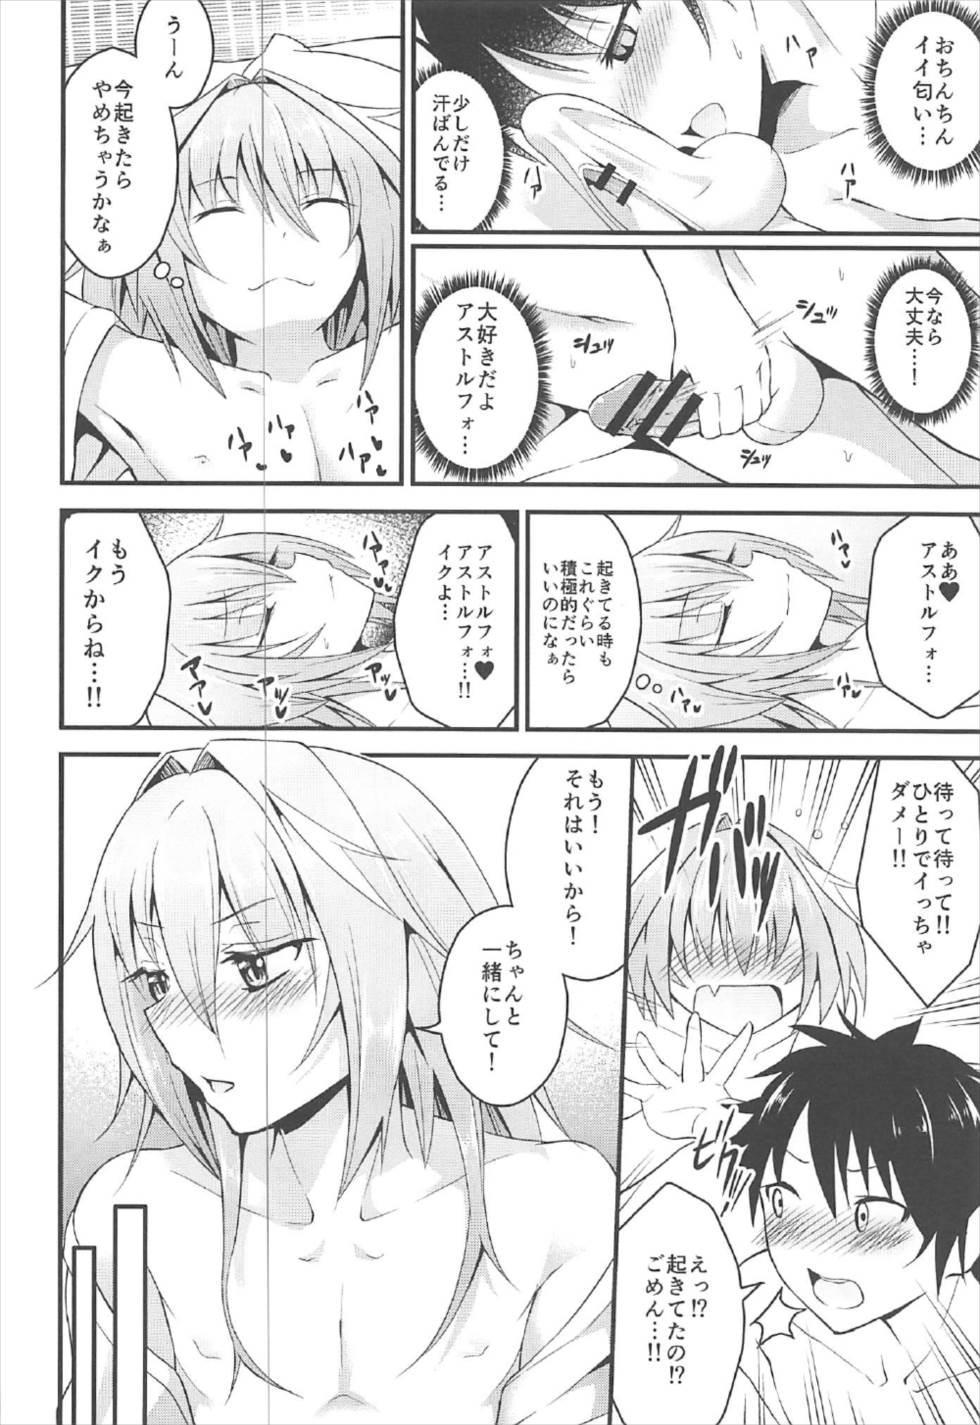 Sekai ga Heiwa ni Natta node Astolfo to Onsen Ryokou ni Ikimashita 12